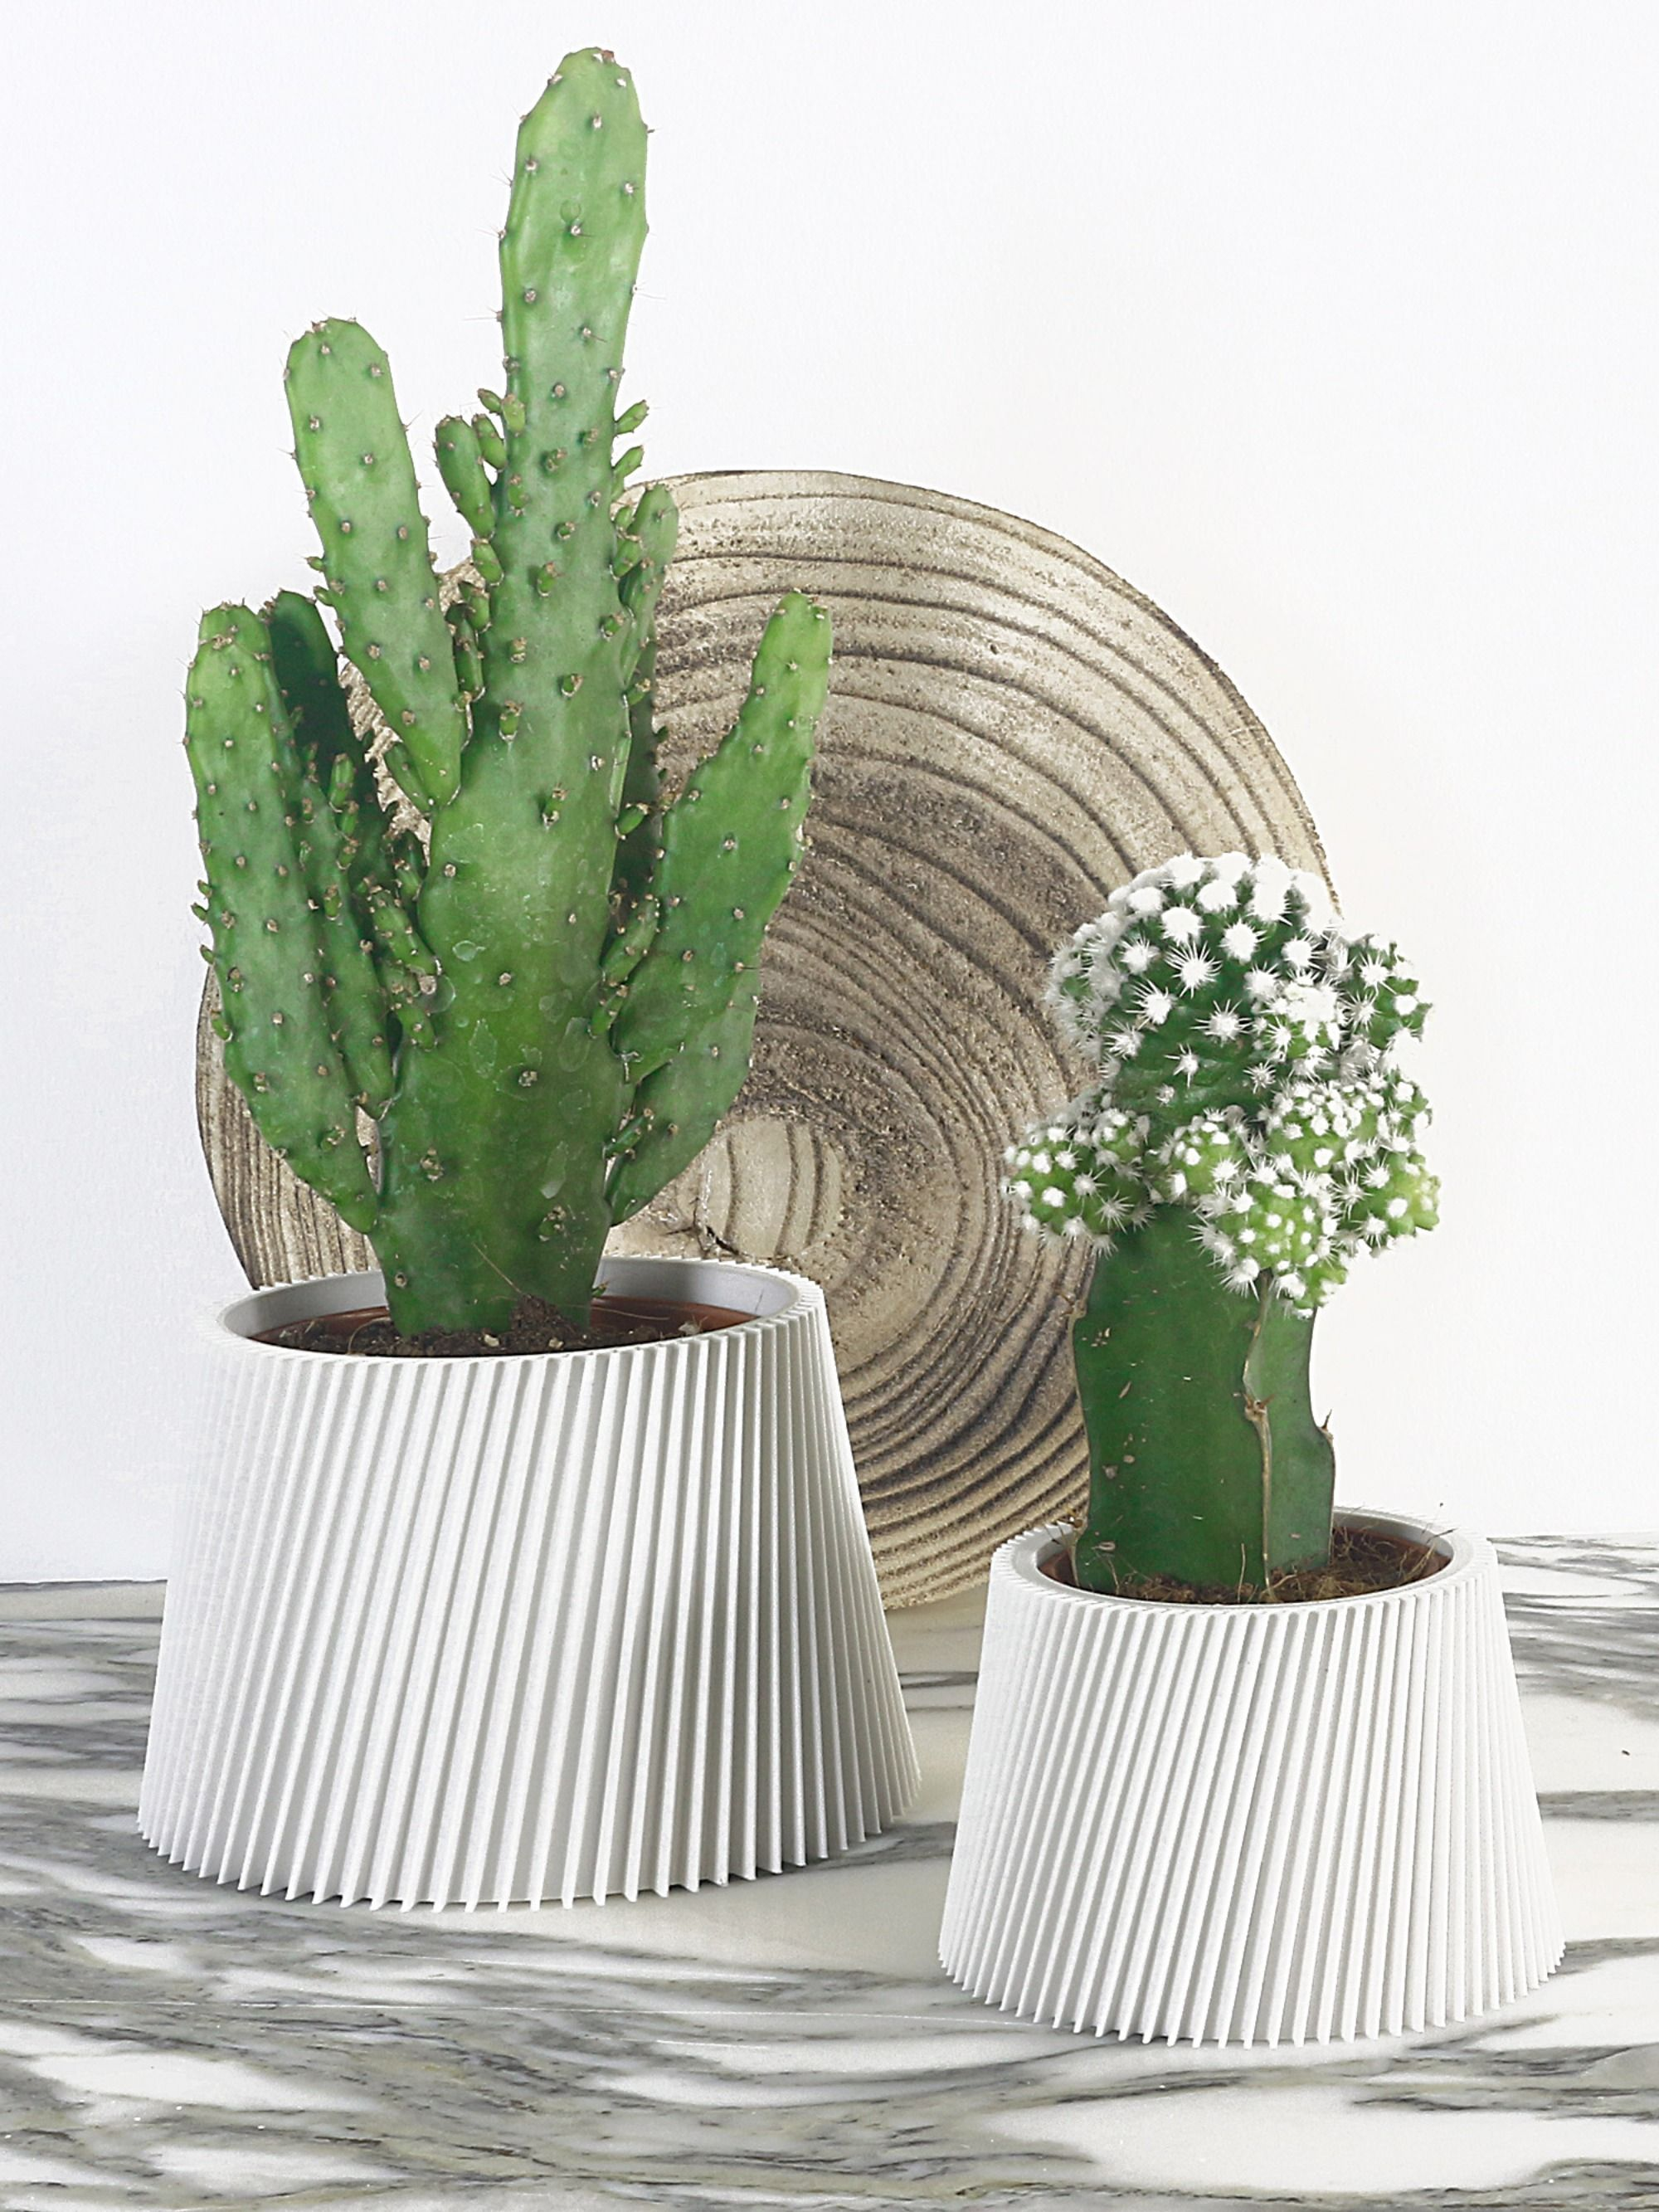 Elegant 3d Printed Pot Planter Bioplastic Matte White Cactus